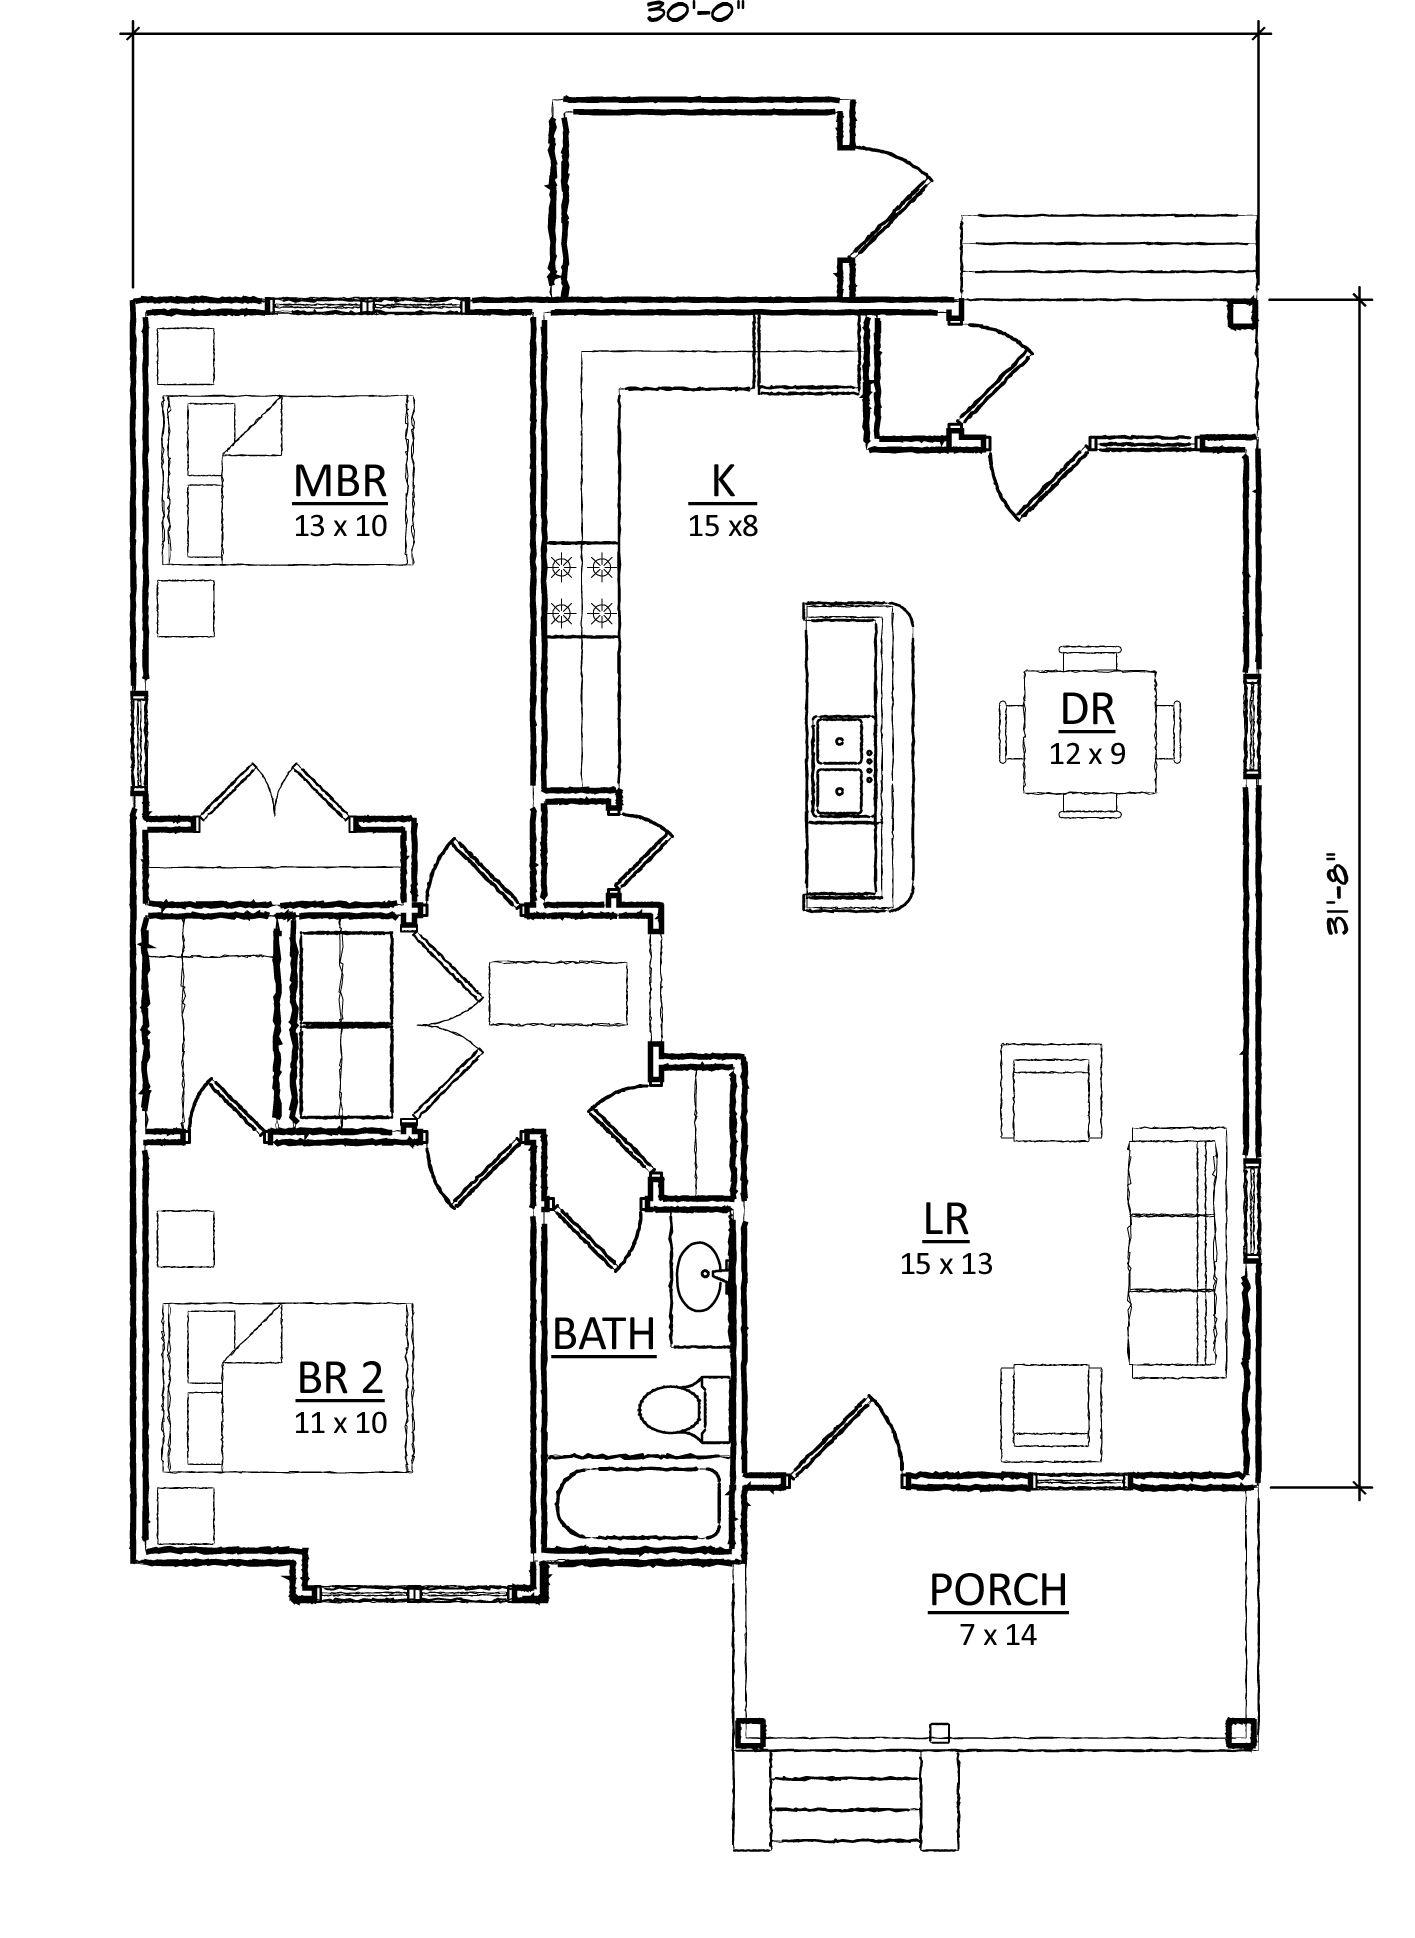 open floorplan bay window bathroom needs to connect to masterbrm needs basement - 2br Open Floor House Plans